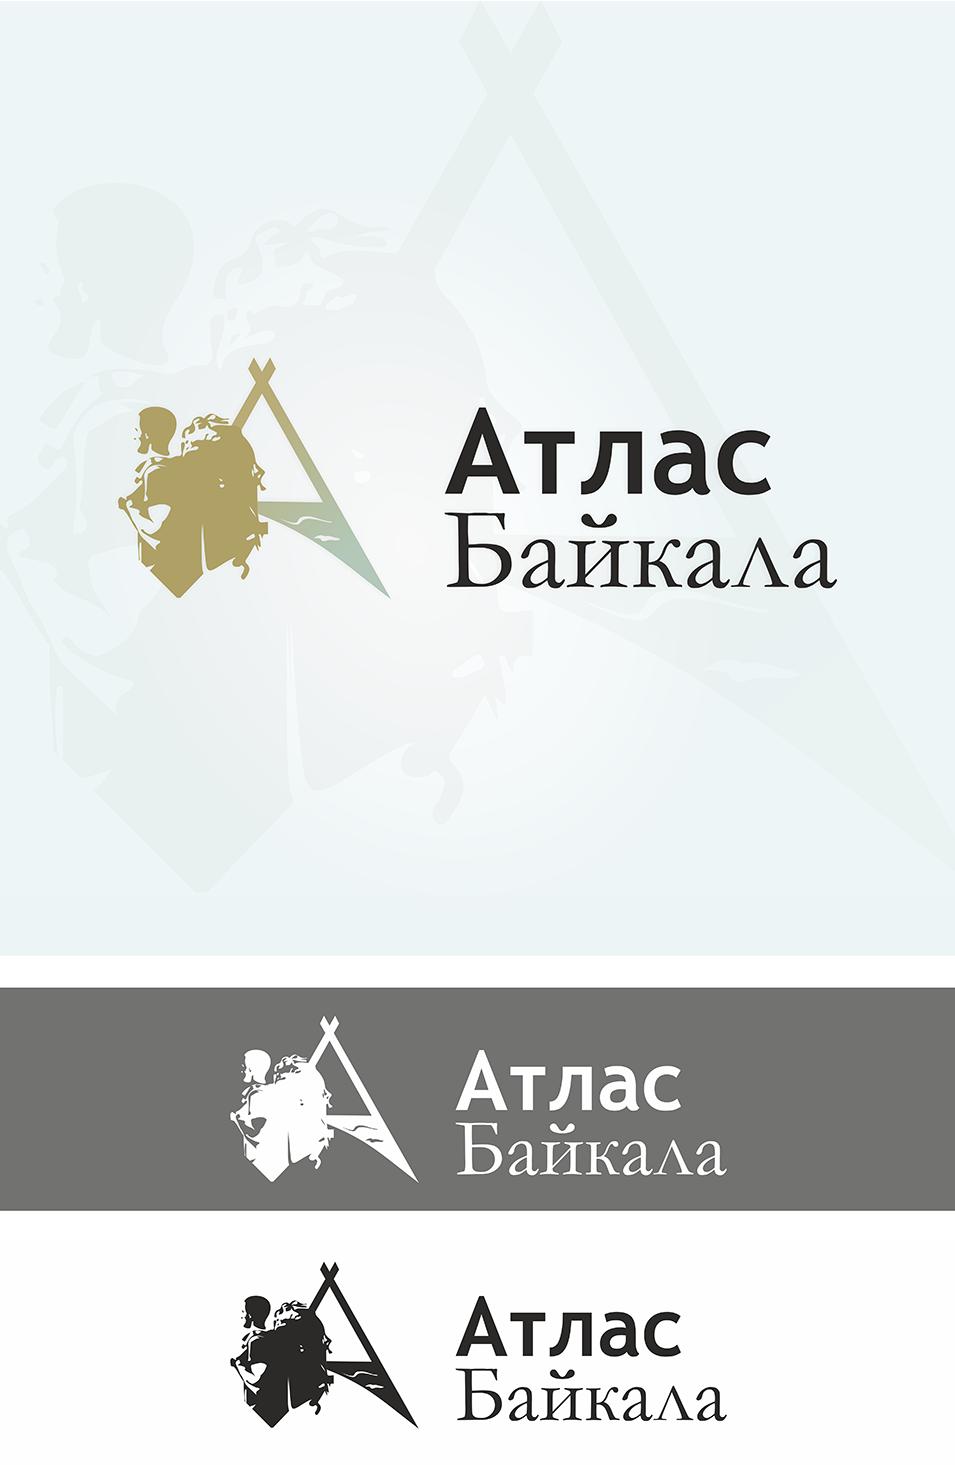 Разработка логотипа Атлас Байкала фото f_5635b00267330061.png